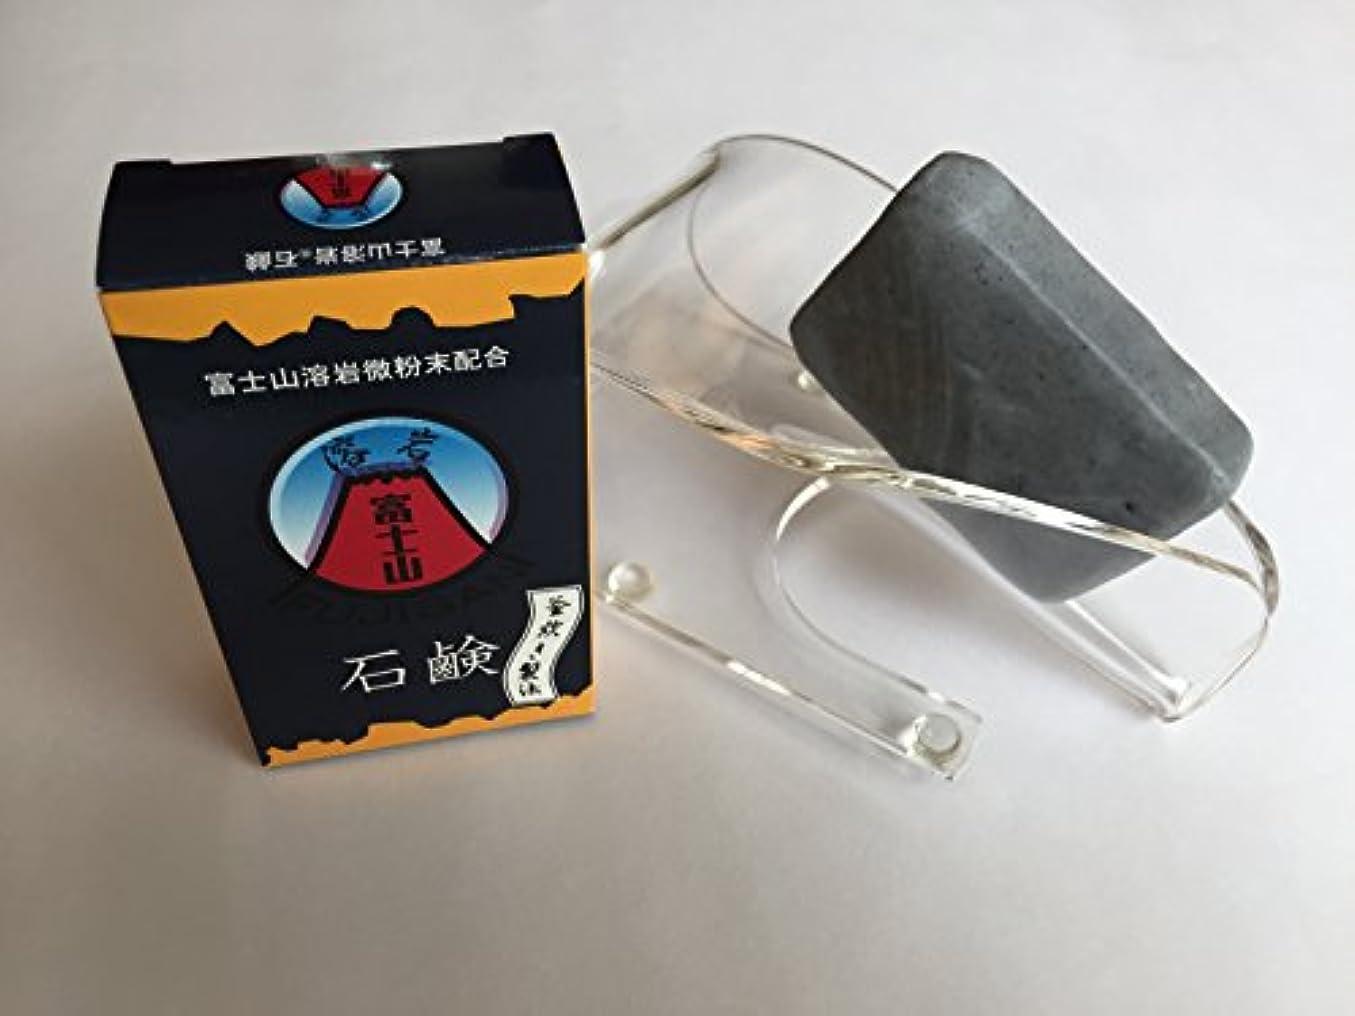 フェードアウト乱暴なシャット限定15セット高級ホルダー(写真2,000円相当)プレゼント 富士山溶岩石鹸80g/個×3個セット